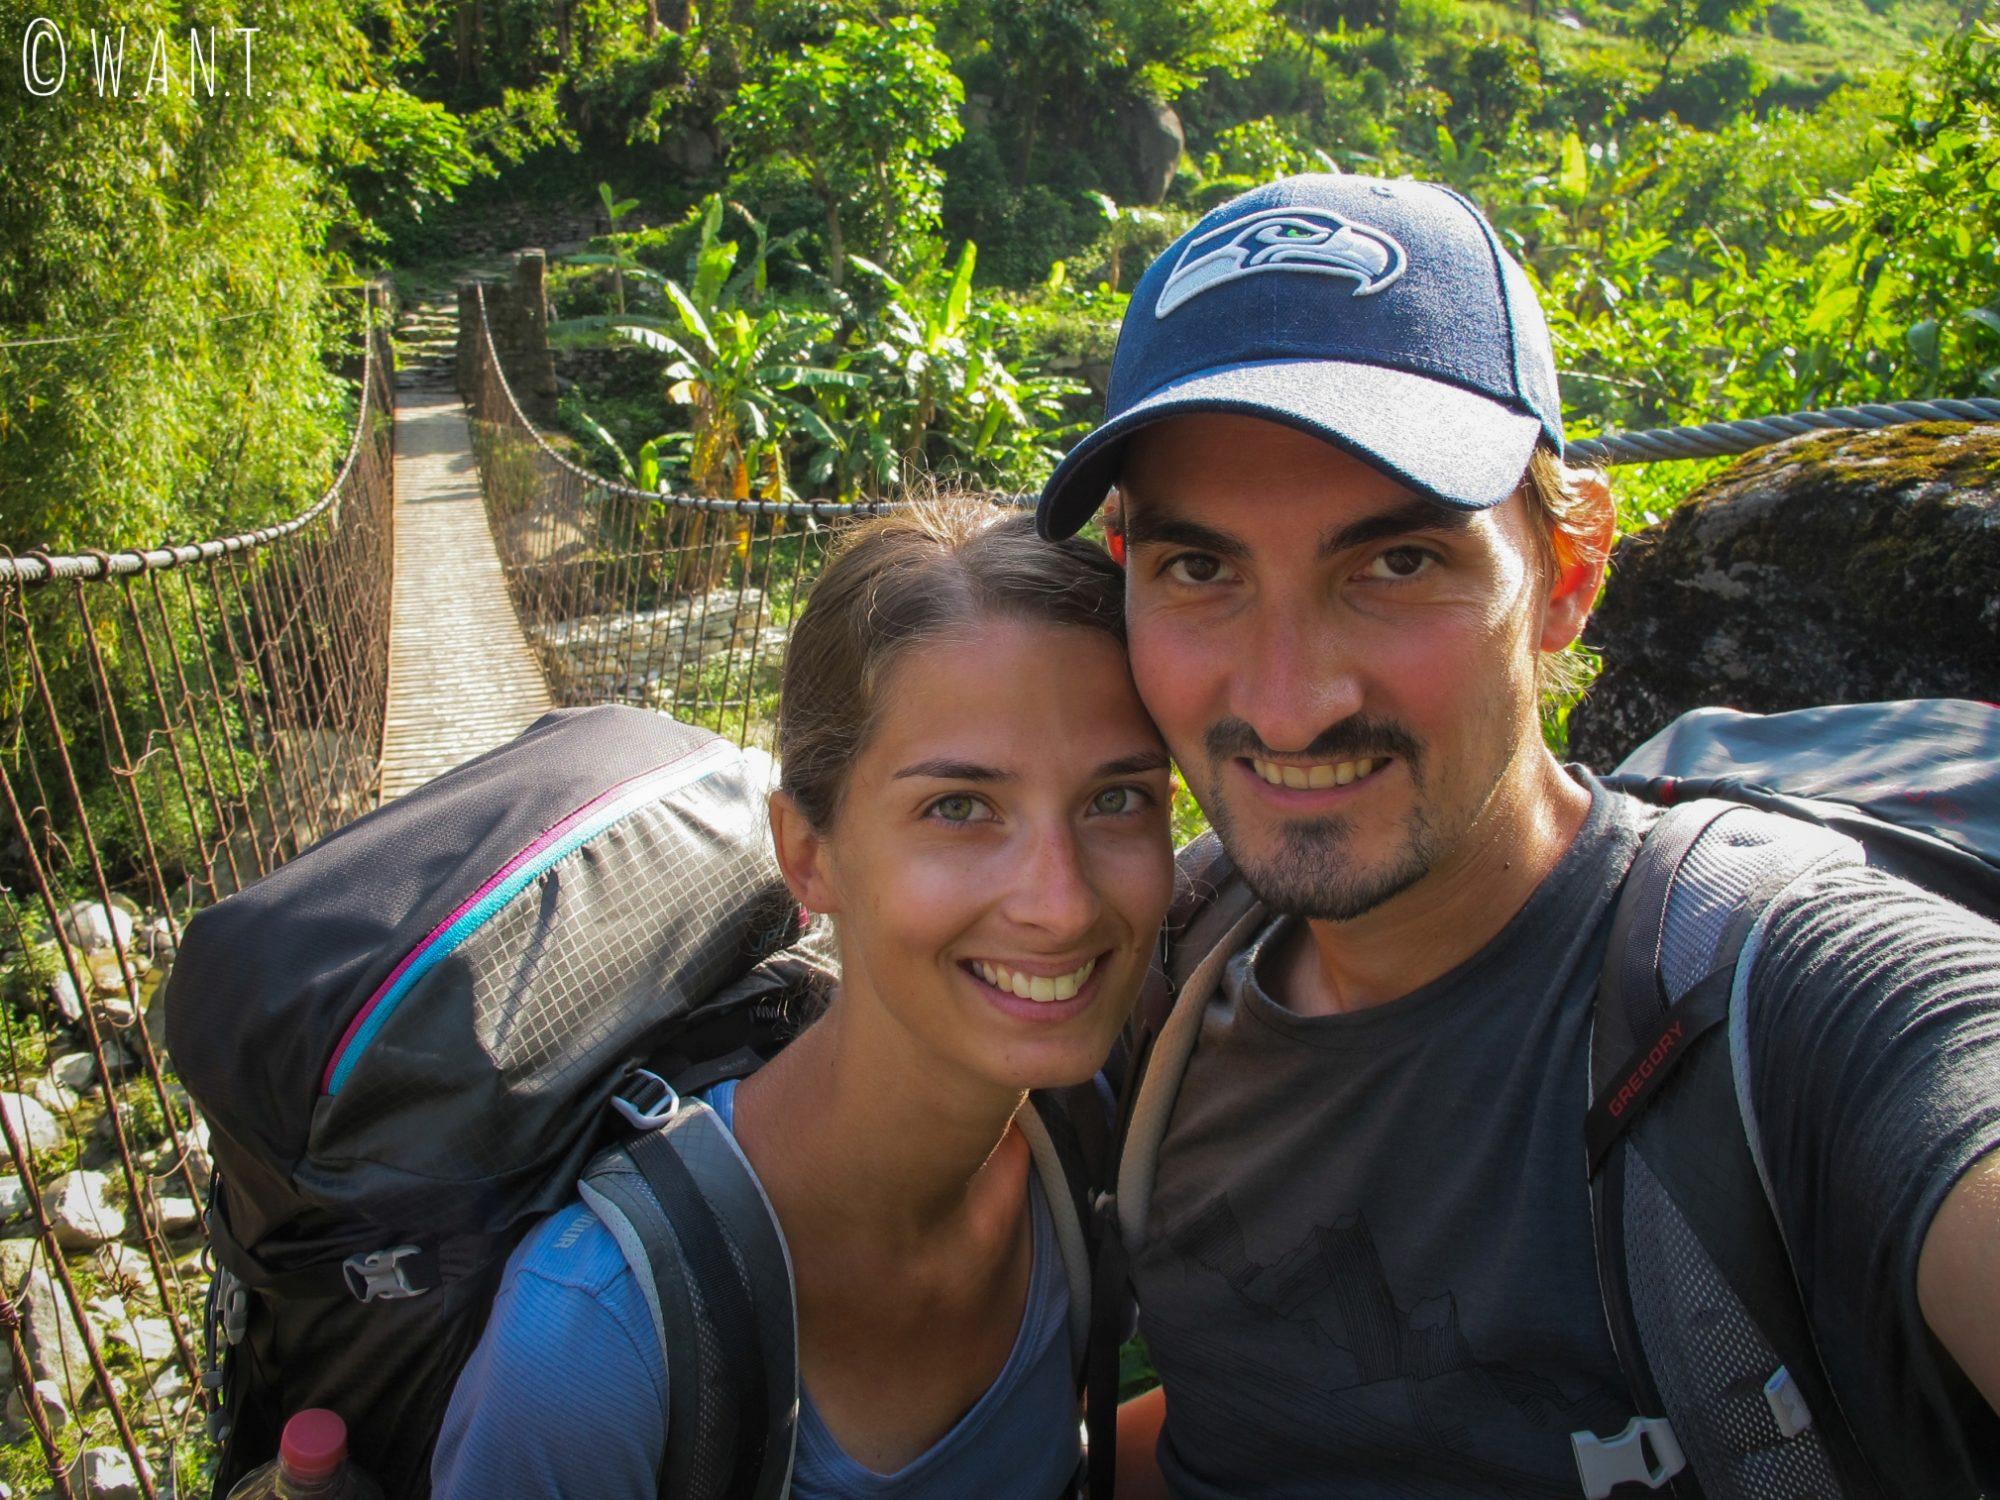 Selfie au départ de notre aventure, sans la moindre idée de ce qui nous attend